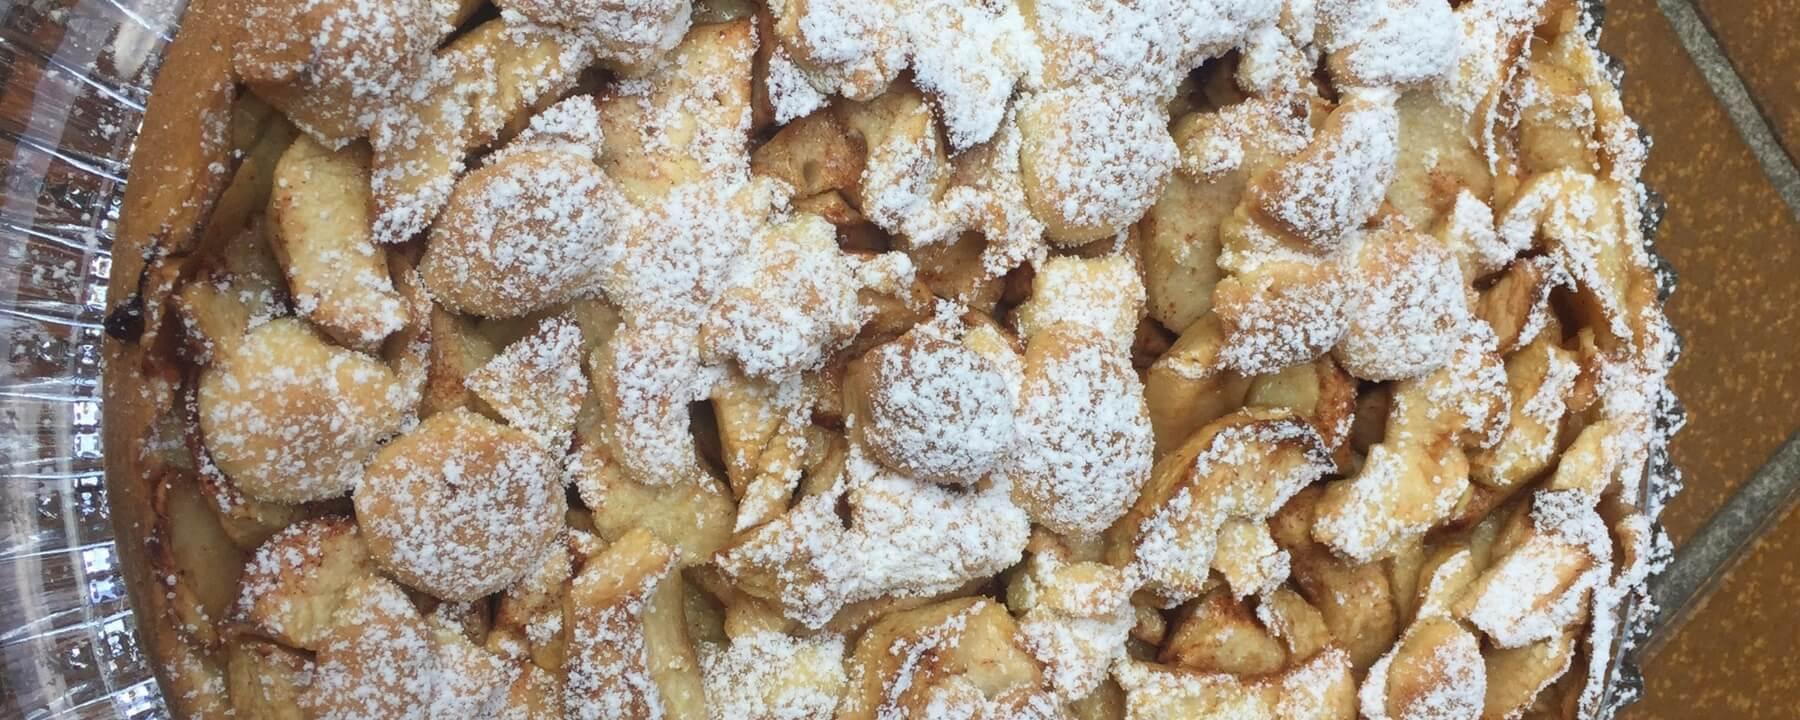 Feiner Apfelkuchen aus Mürbteig